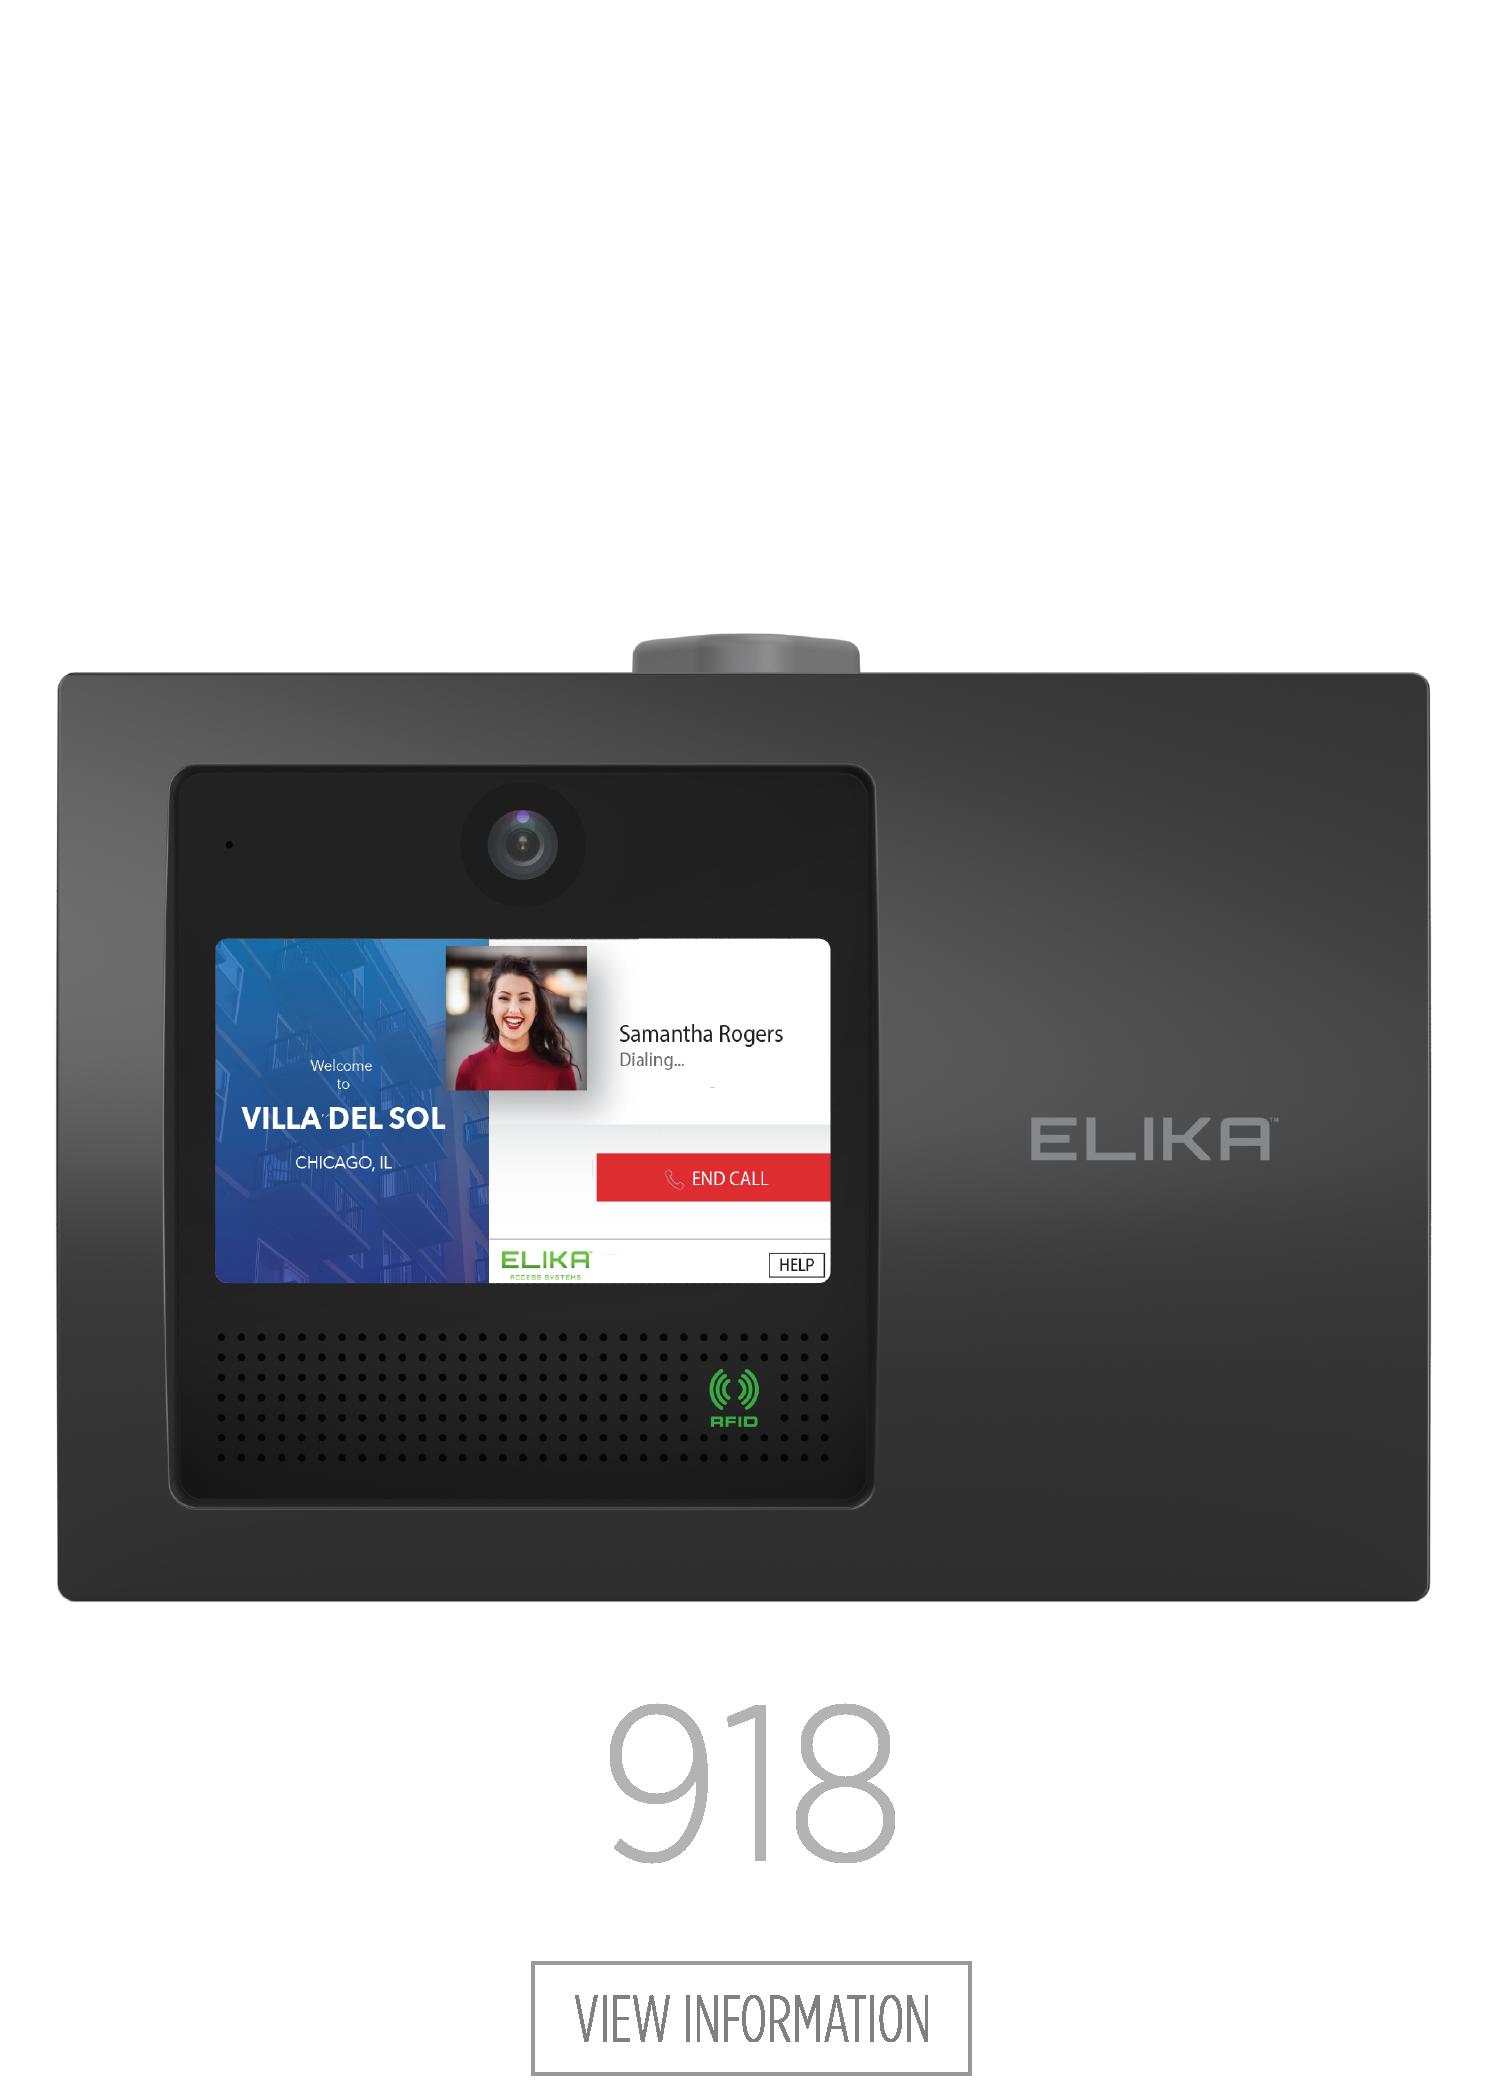 Elika 918